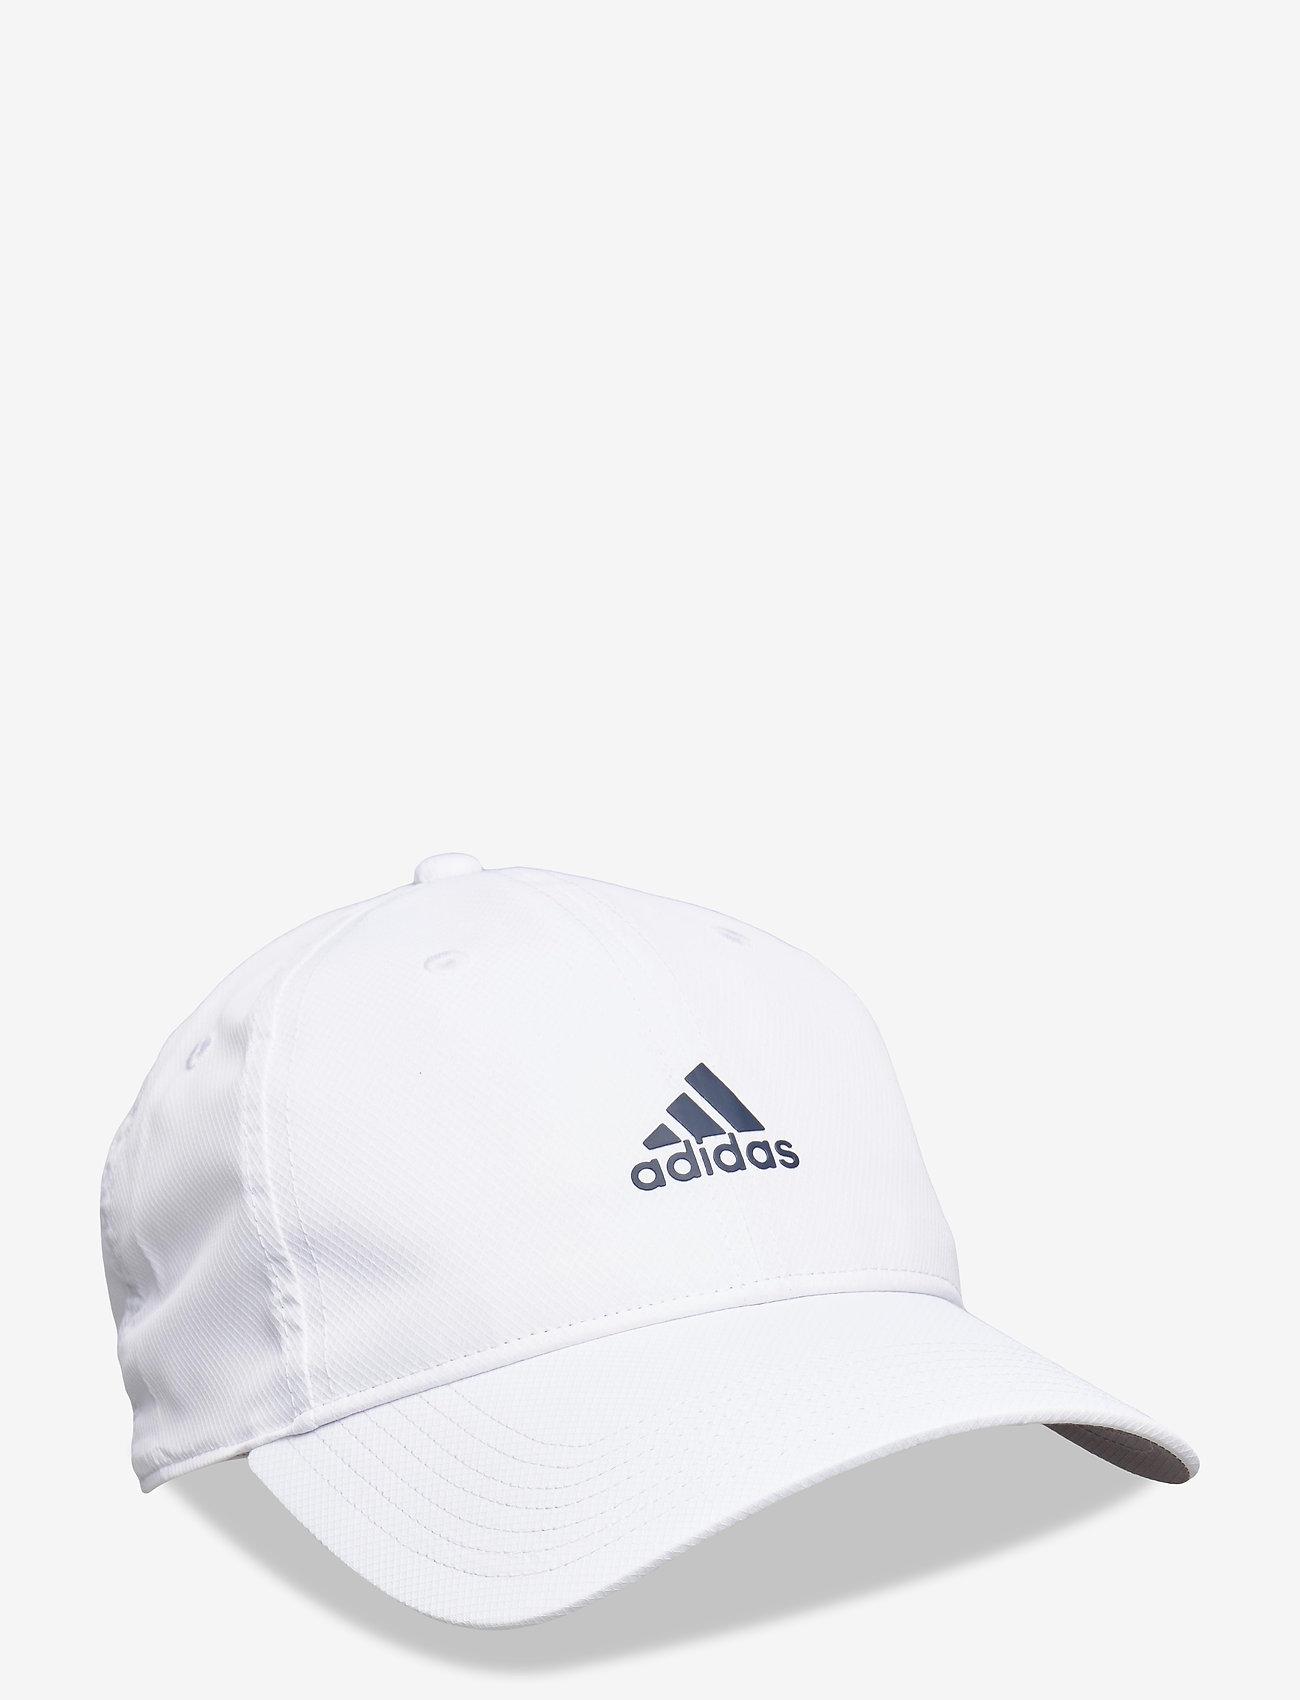 adidas Golf - W TOUR BADGE - caps - white - 0